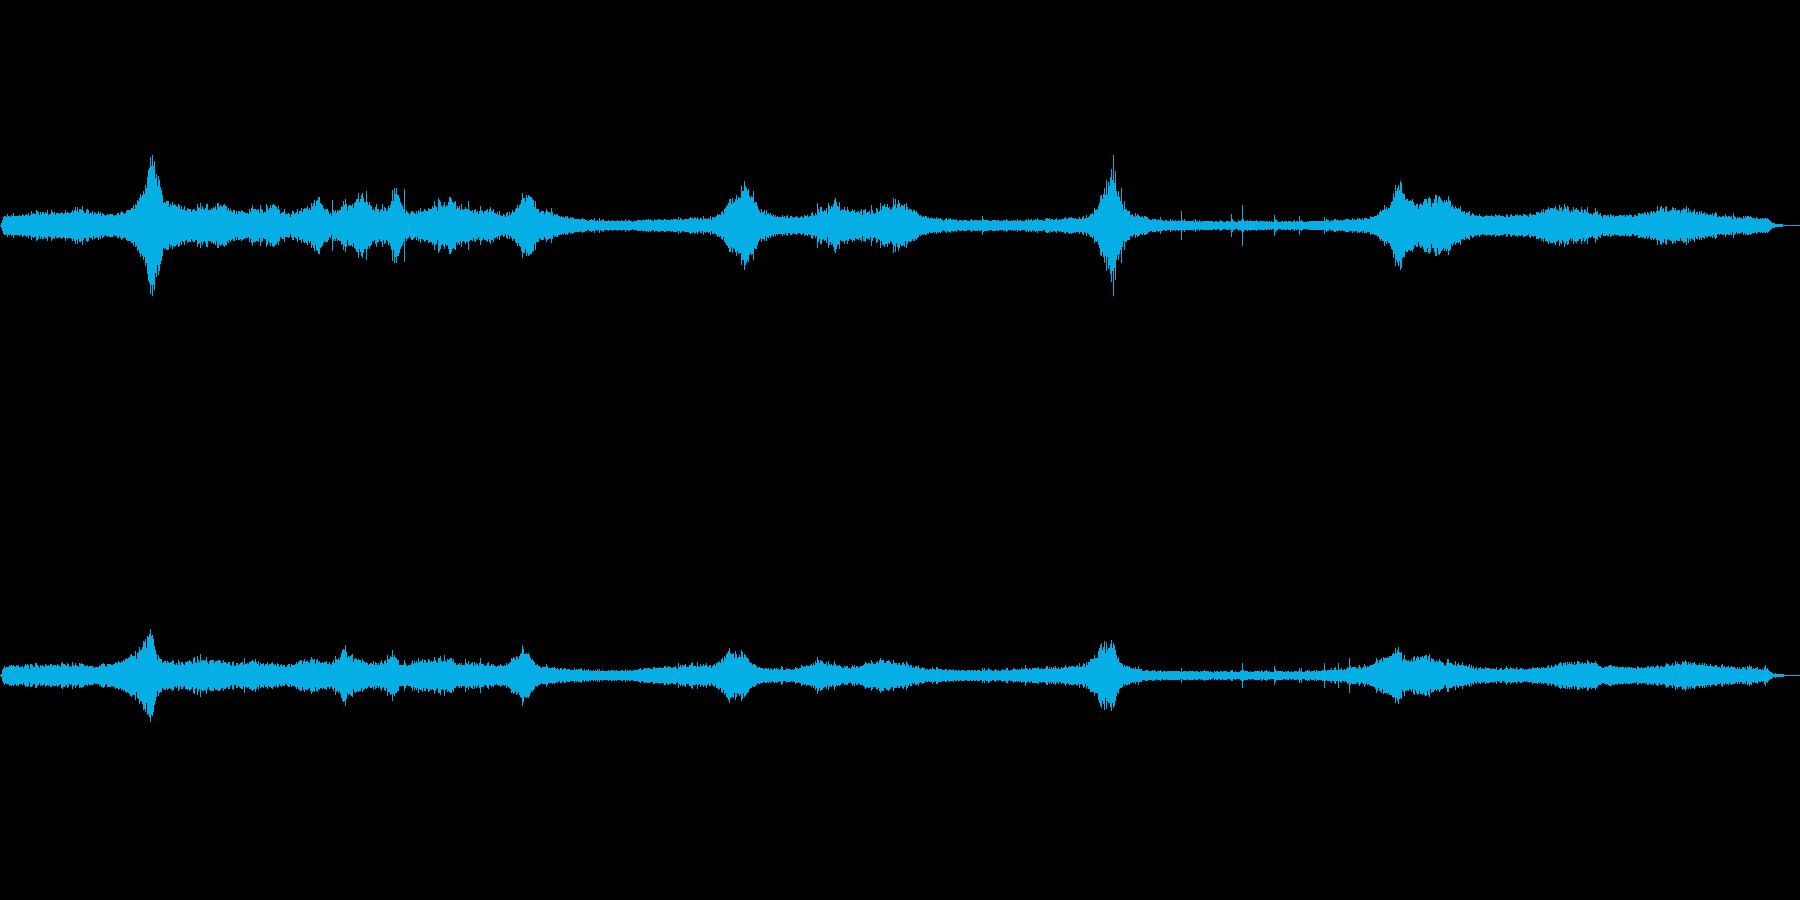 環境音 交差点の再生済みの波形